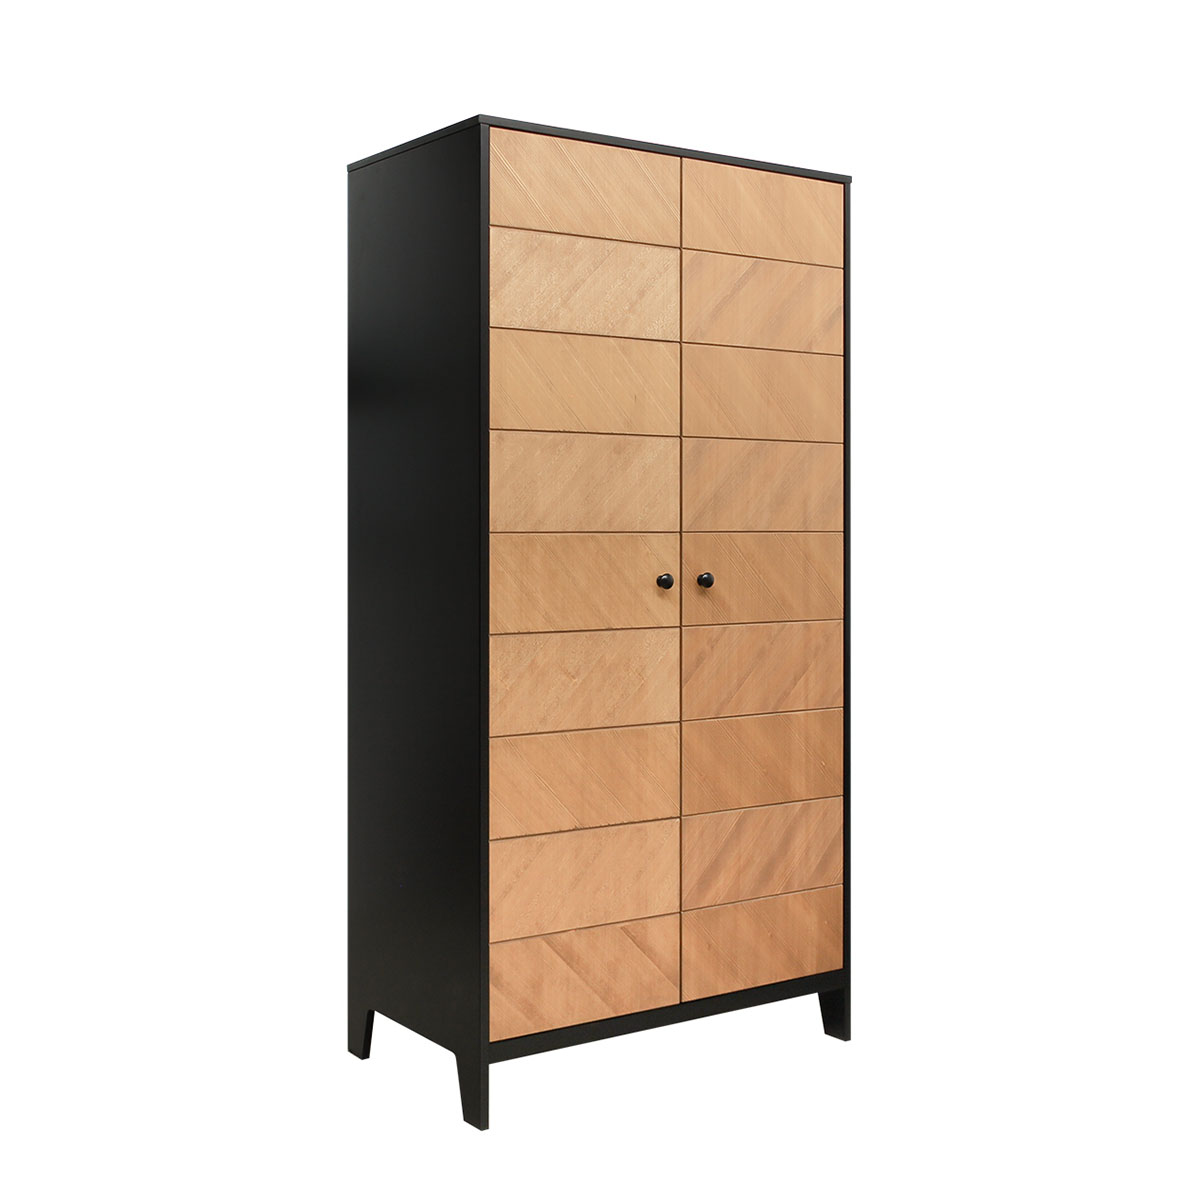 Armoire 2 portes noir bois naturel